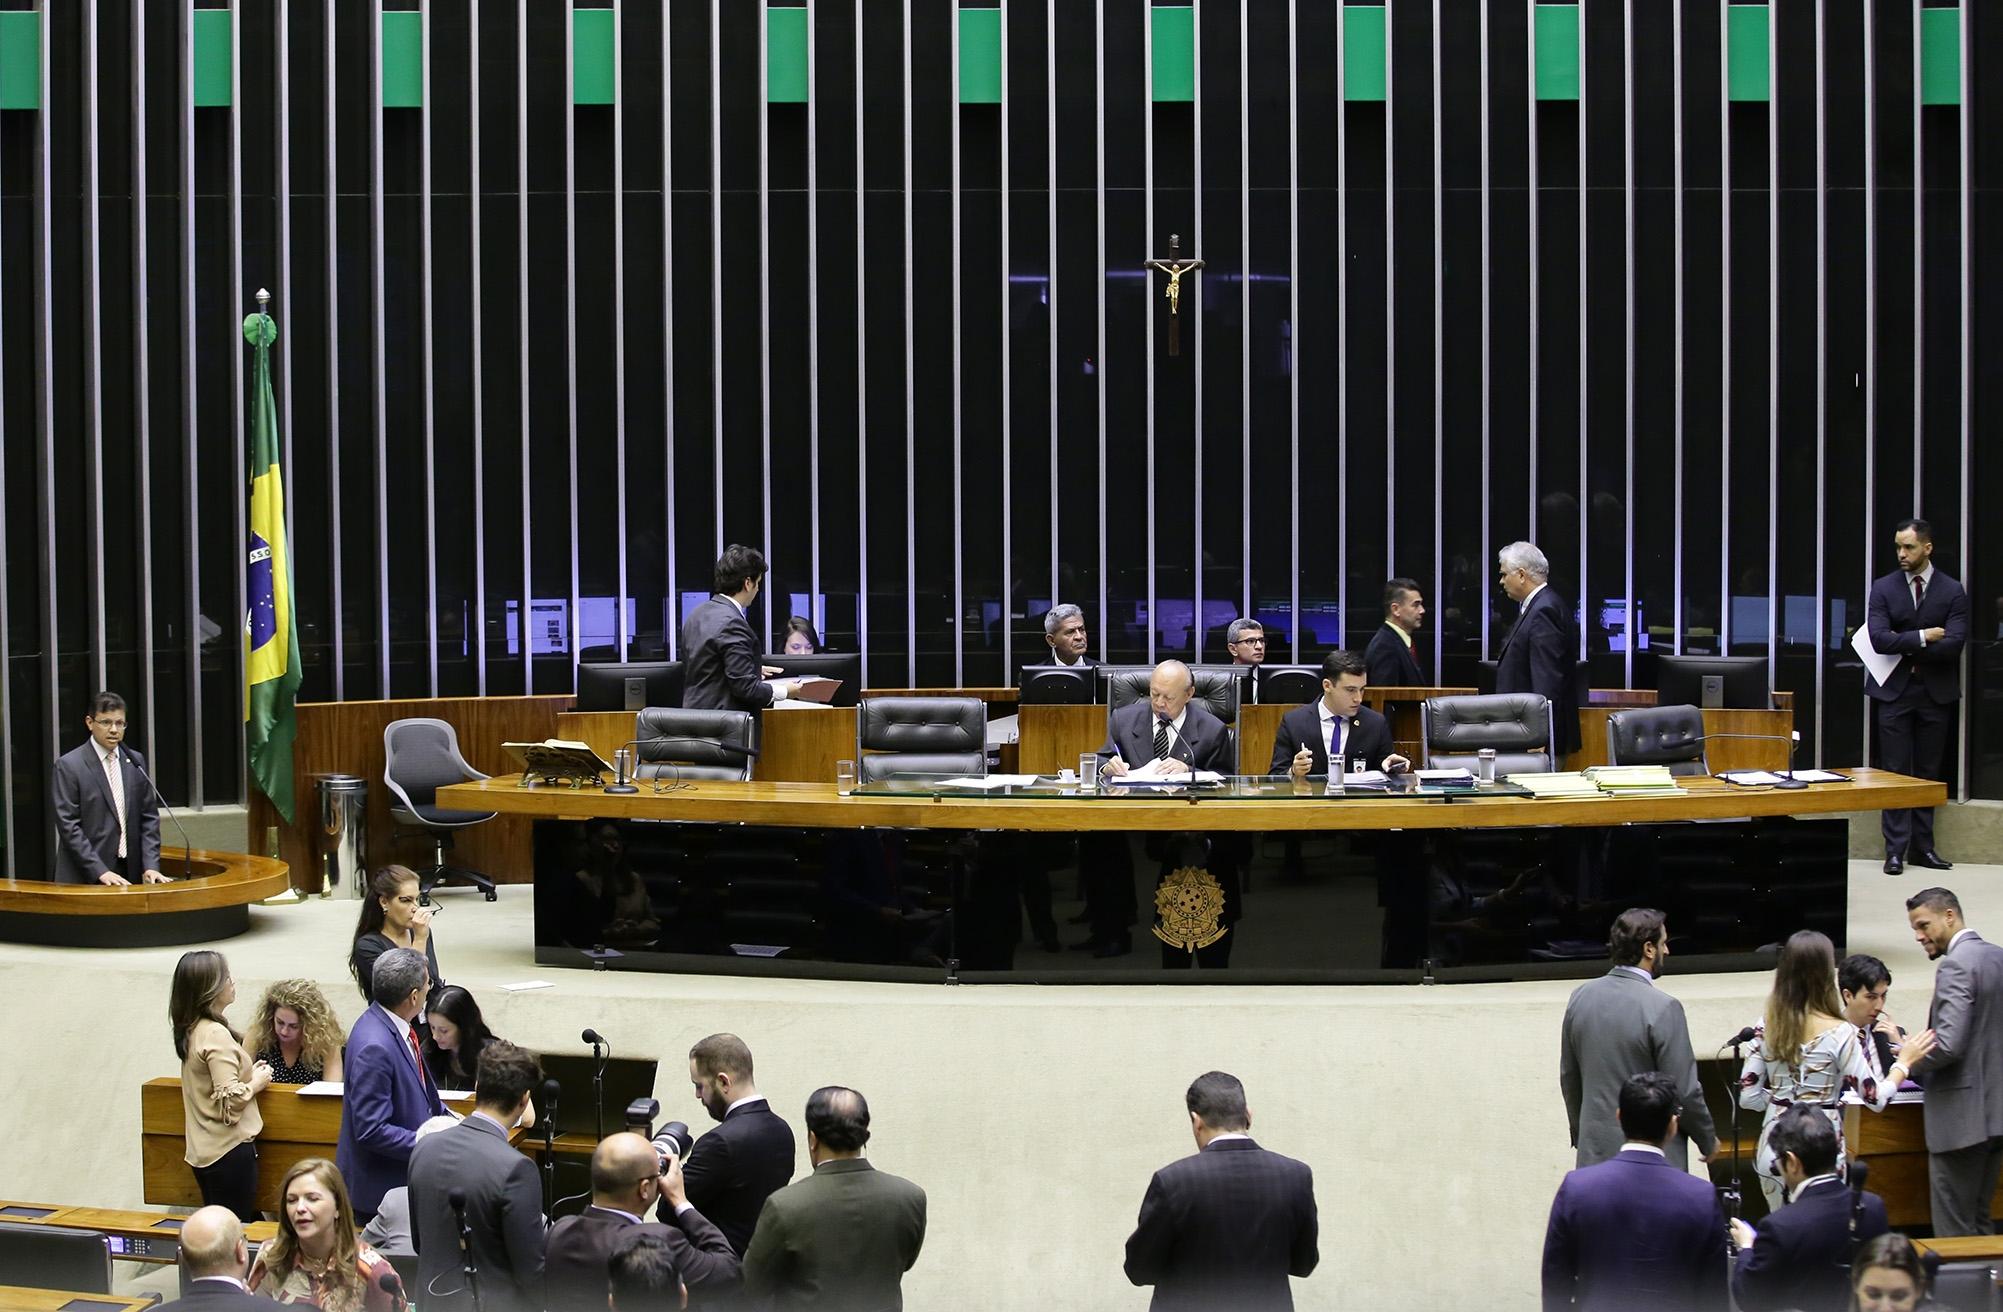 Deliberação do veto 32 (VET 32/18), do presidente da República ao piso salarial dos agentes comunitários de saúde e de combate às endemias, e deliberação dos Vetos de nº 19 a 31, 33 e 34 de 2018 e do Projeto de Lei do Congresso Nacional nº 14 de 2018.